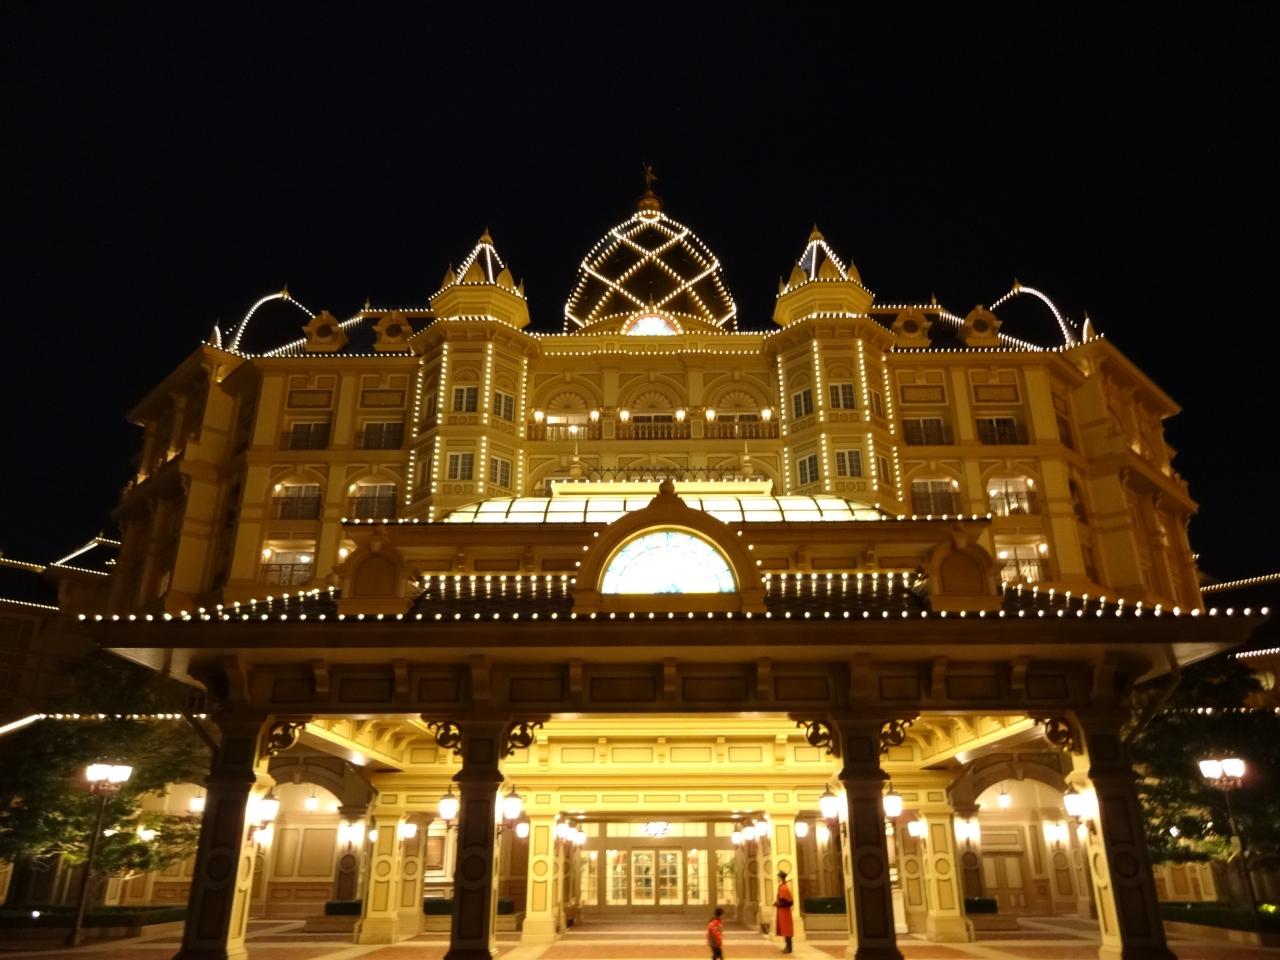 ディズニーランドホテル 旅行記:2013(ホテル編)』東京ディズニー